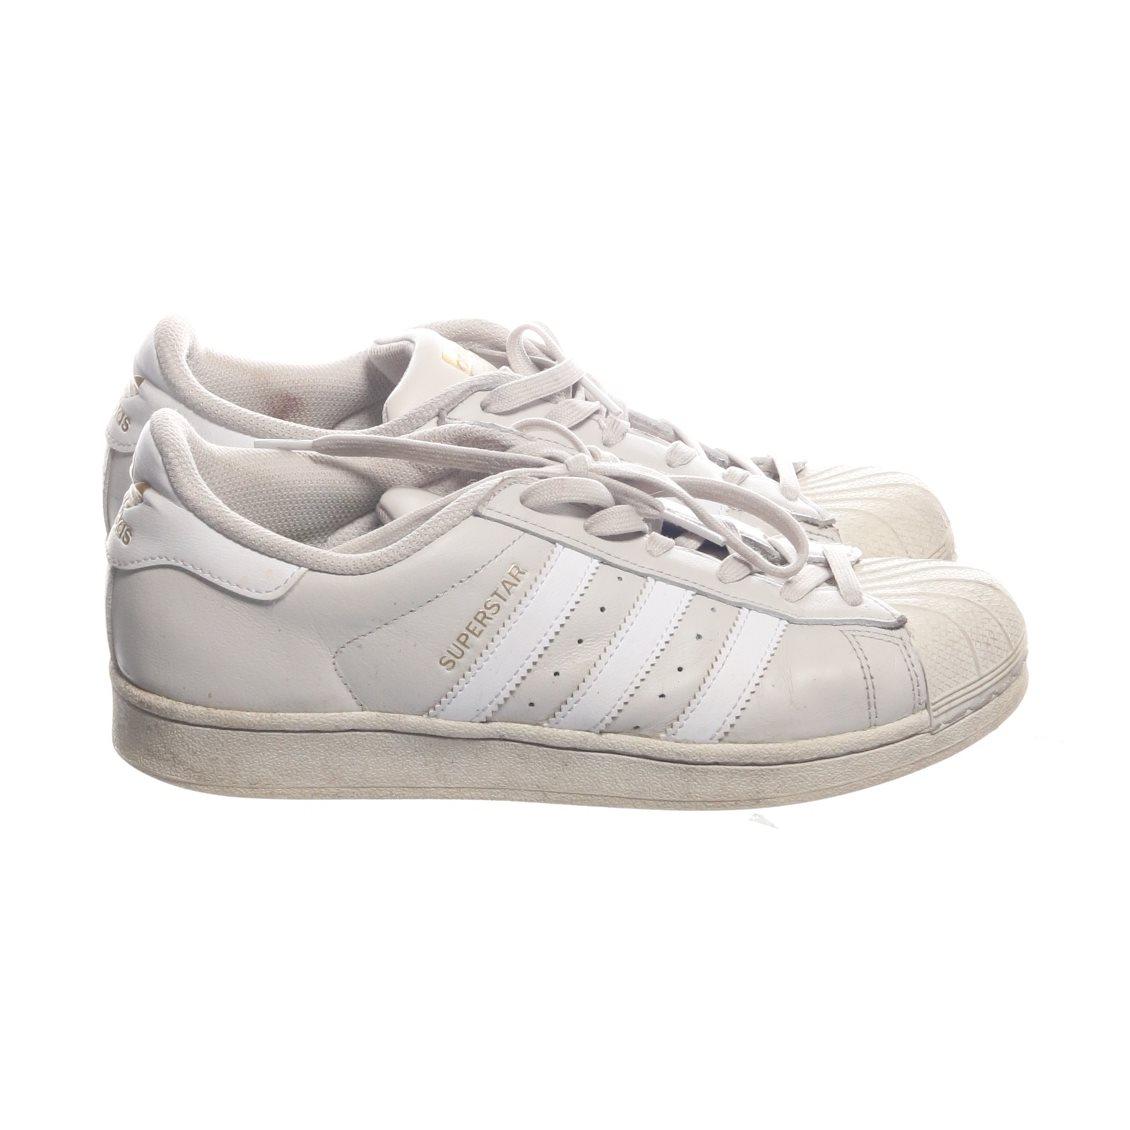 Adidas, Sneakers, Strl: 39 13, Adidas Su.. (343841564) ᐈ